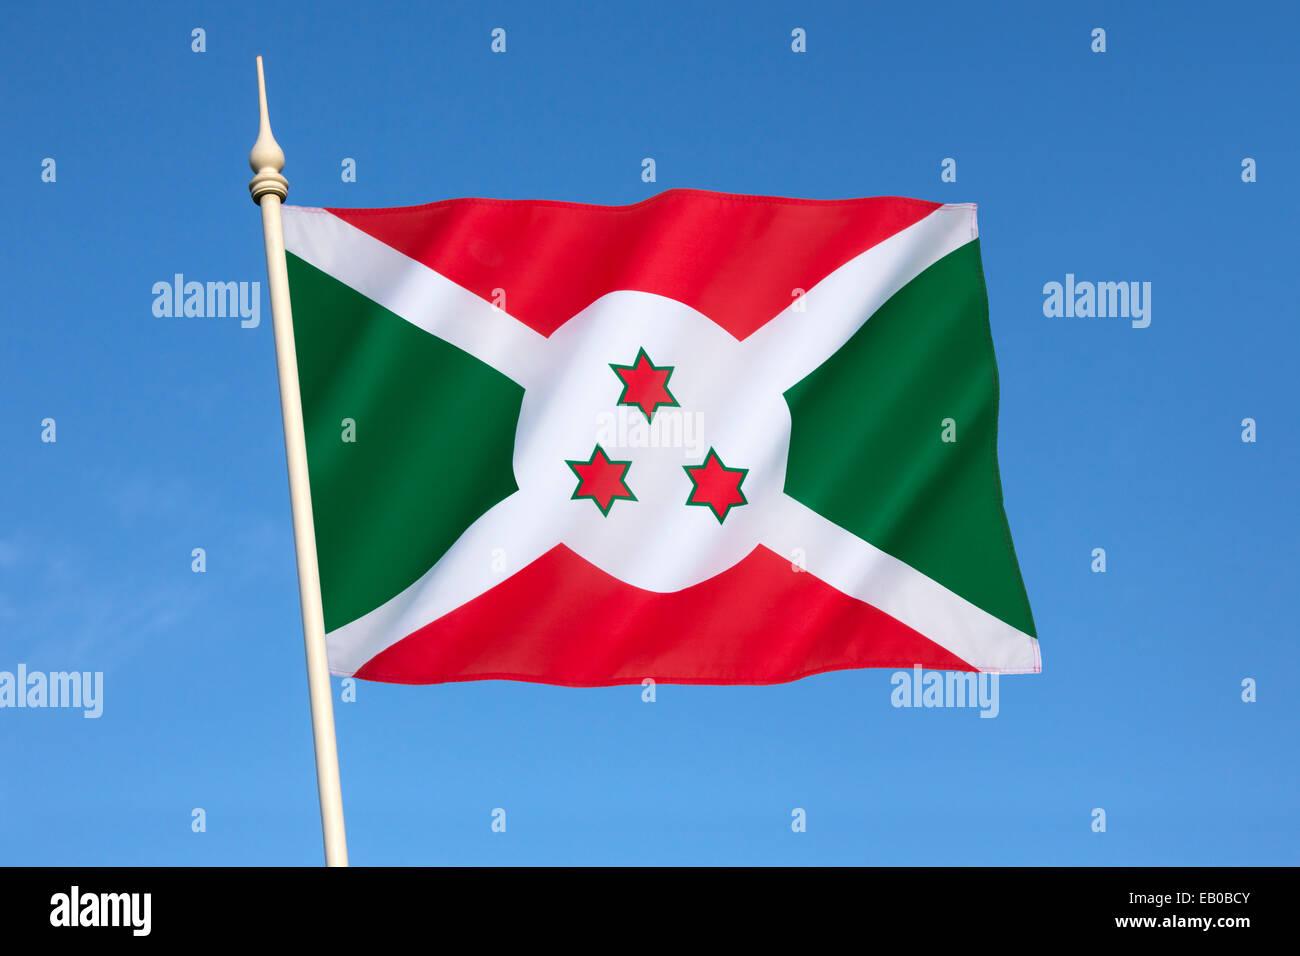 Flag of Burundi - Stock Image